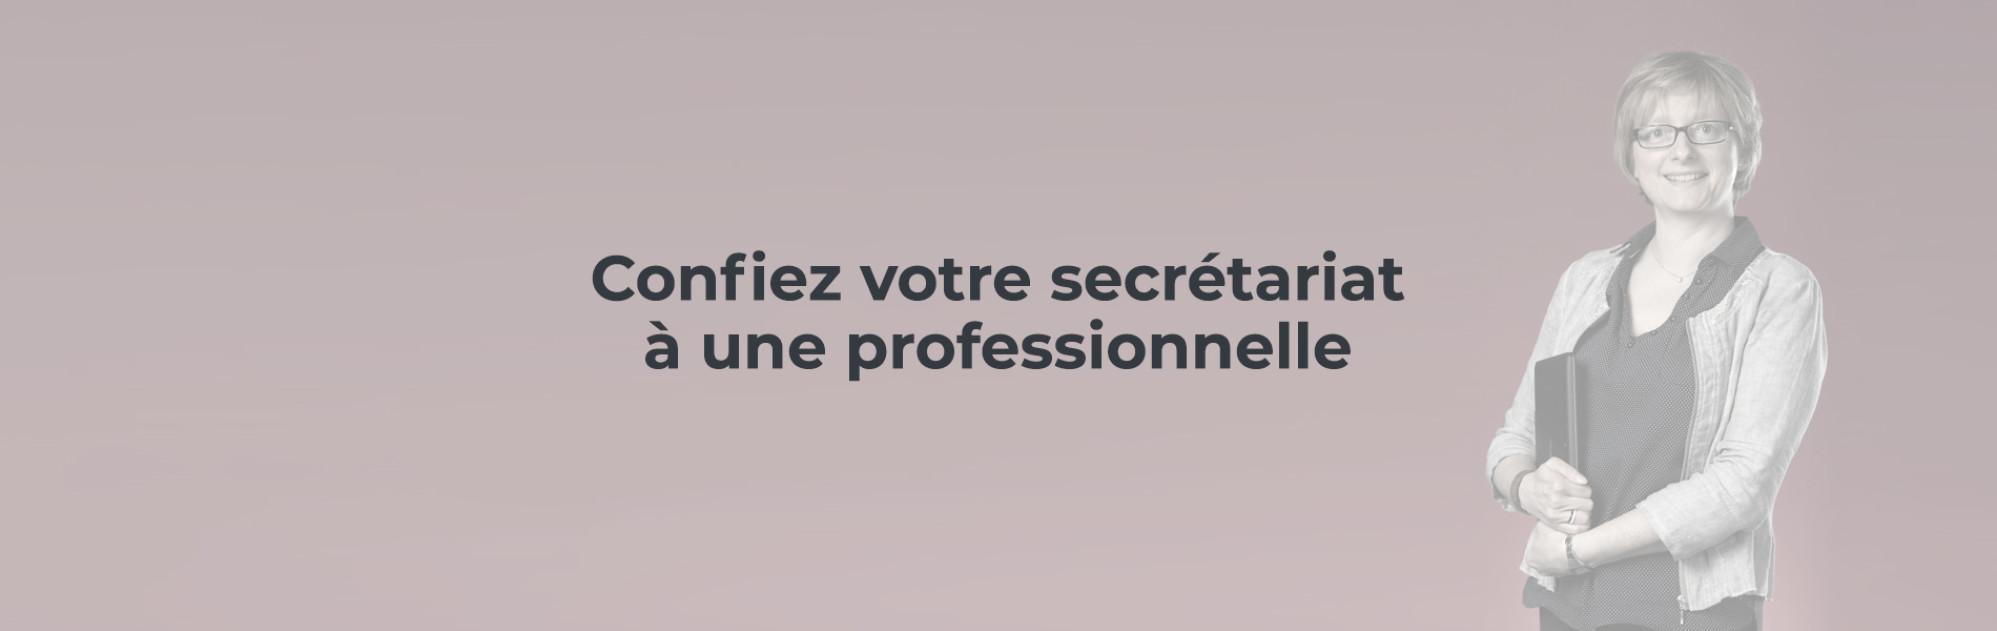 Confiez votre secrétariat à une professionnelle